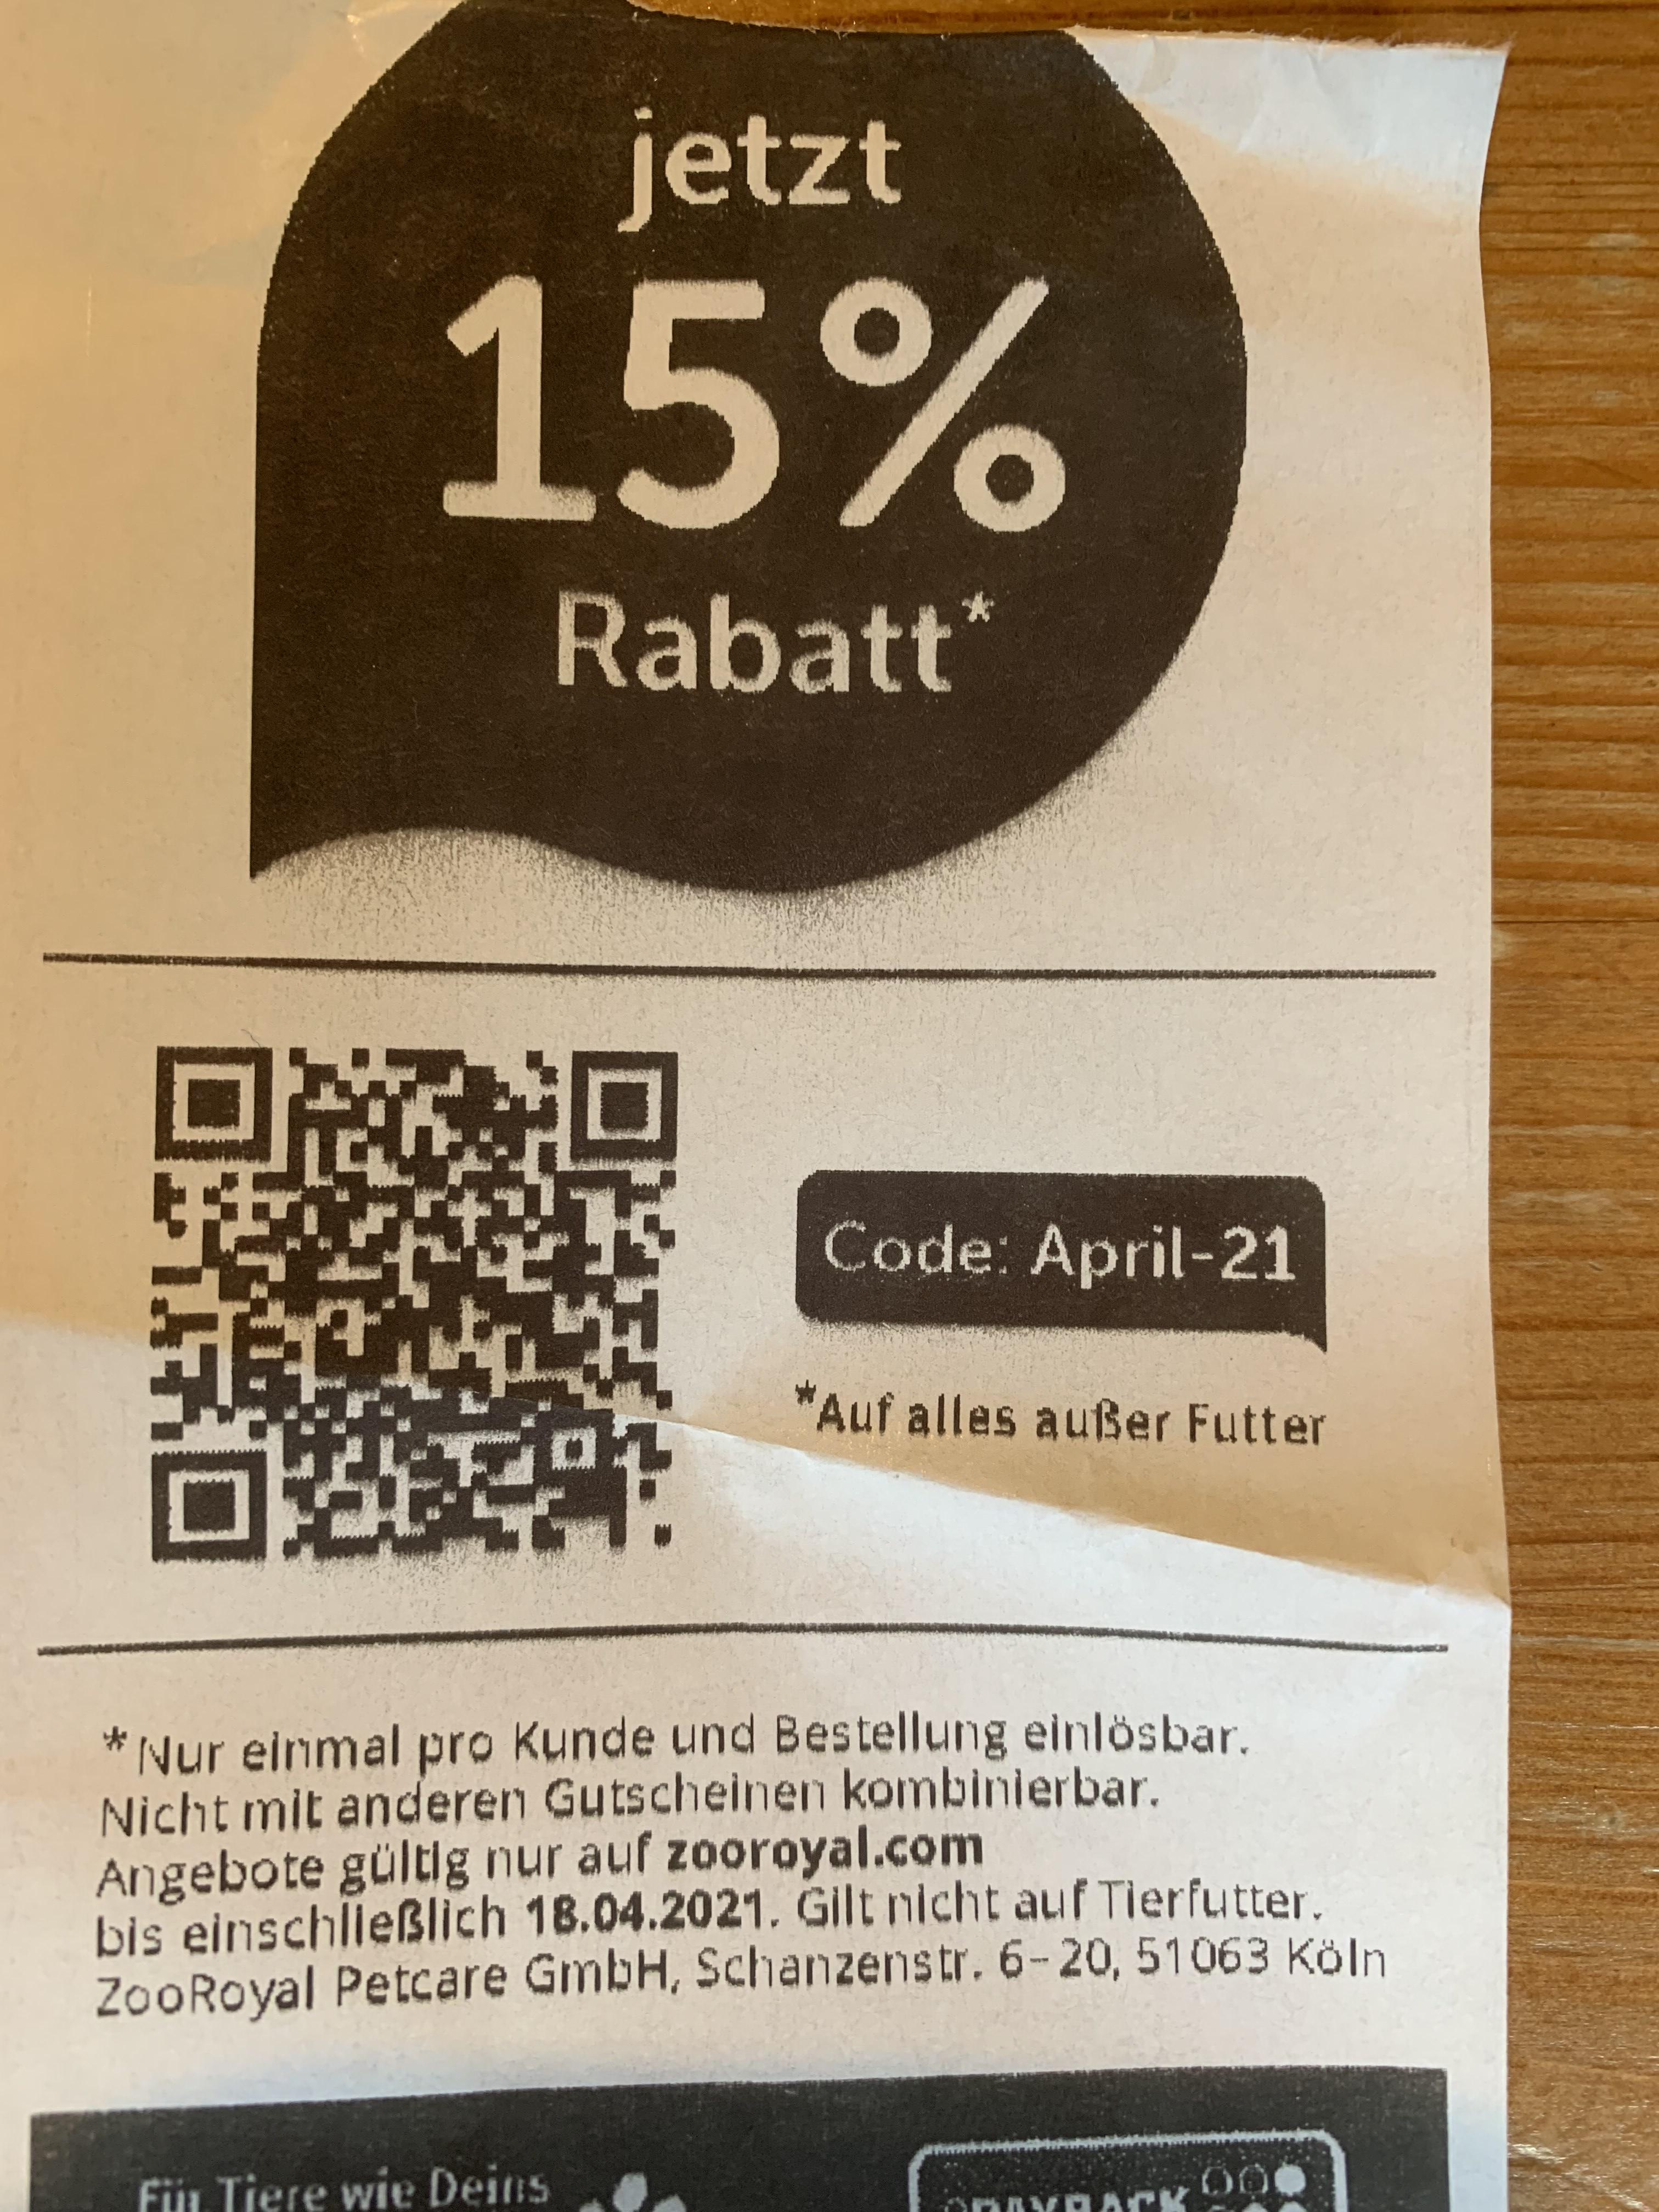 [Zooroyal] Gutschein für 15% bis 18.4.2021 (gilt nicht für Futter)